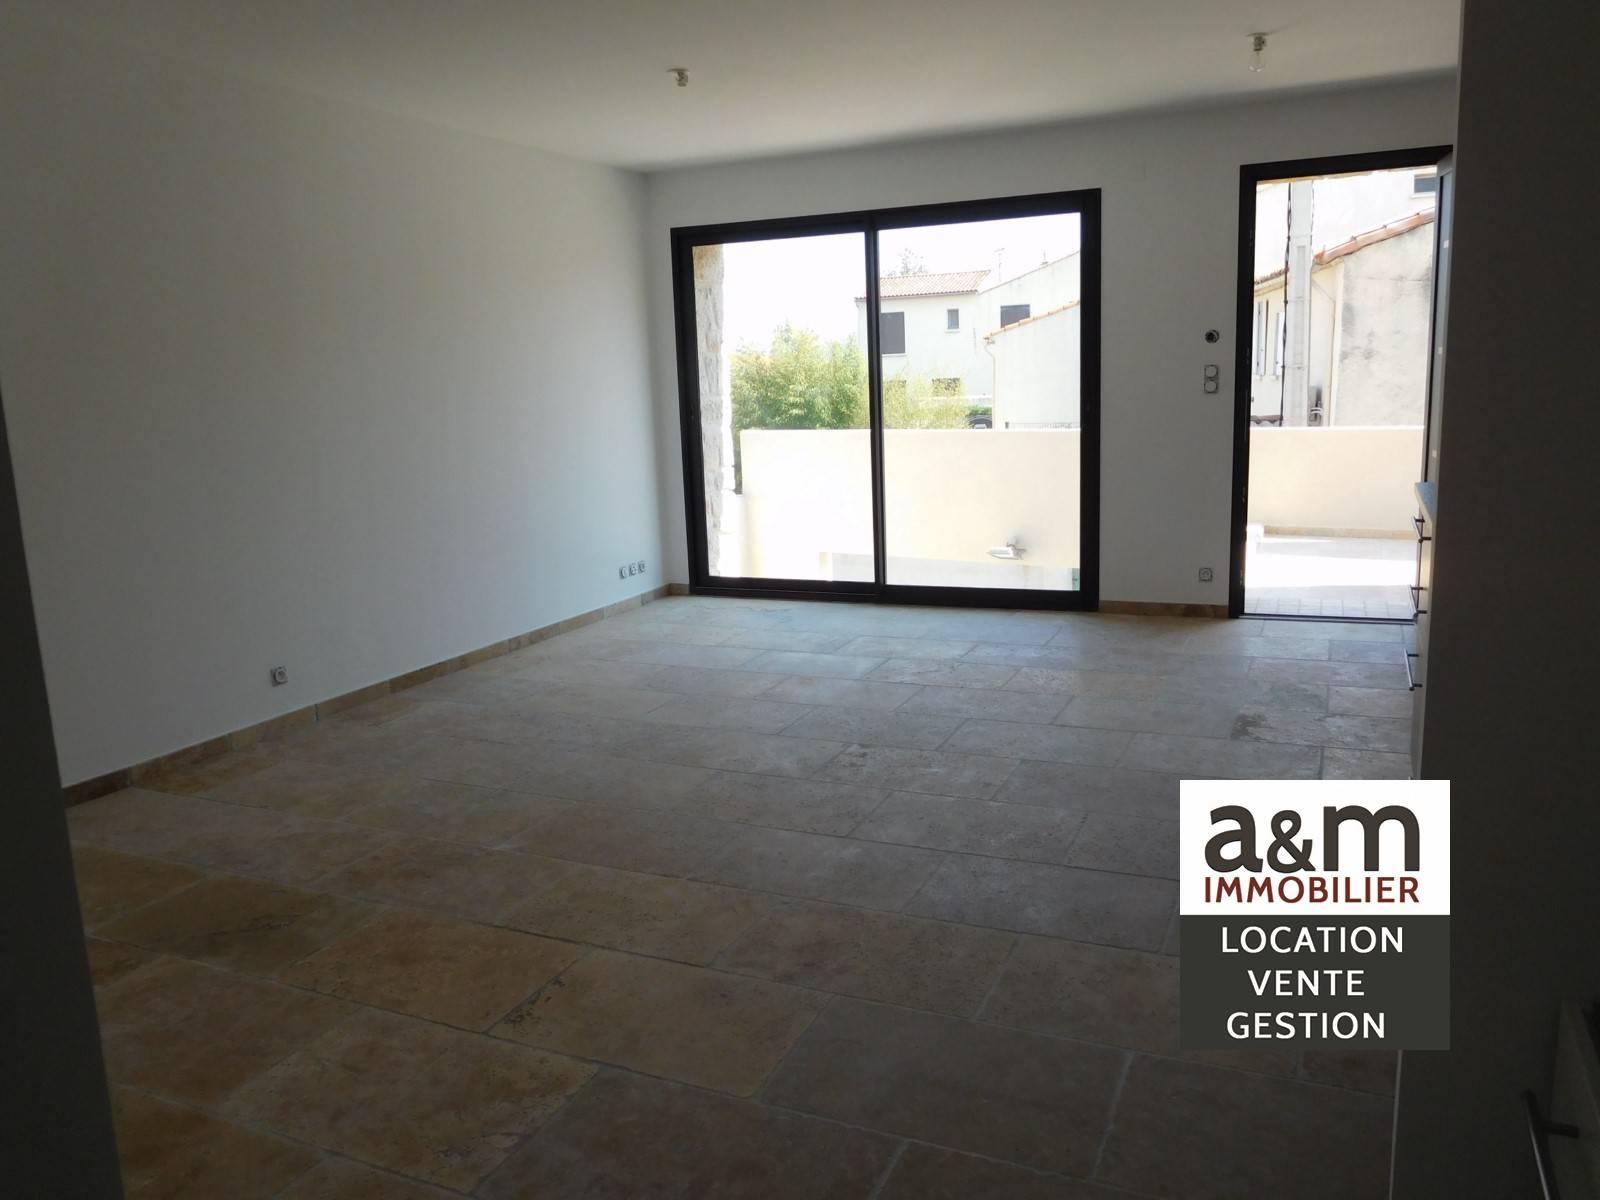 Appartement neuf t2 45 m chateauneuf les martigues agence immobili re location vente d - Chambre de commerce martigues ...